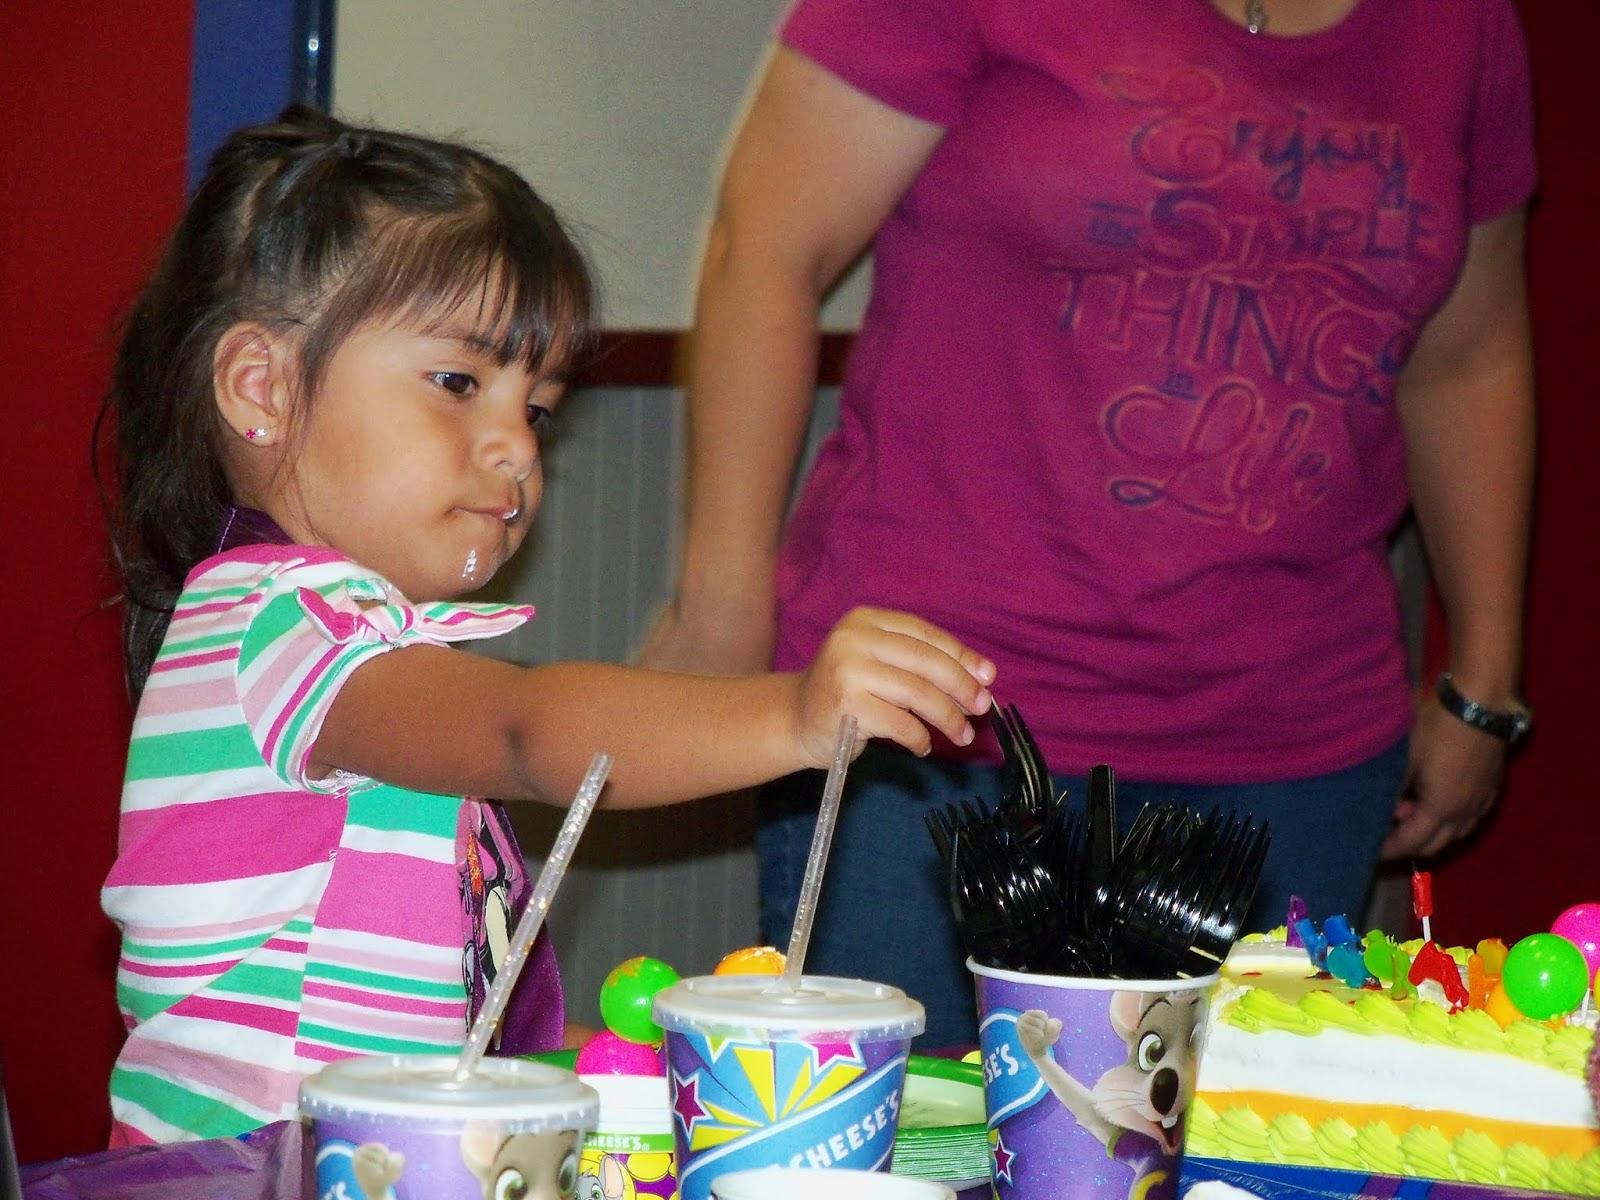 Jaidens Birthday Party - 115_7333.JPG